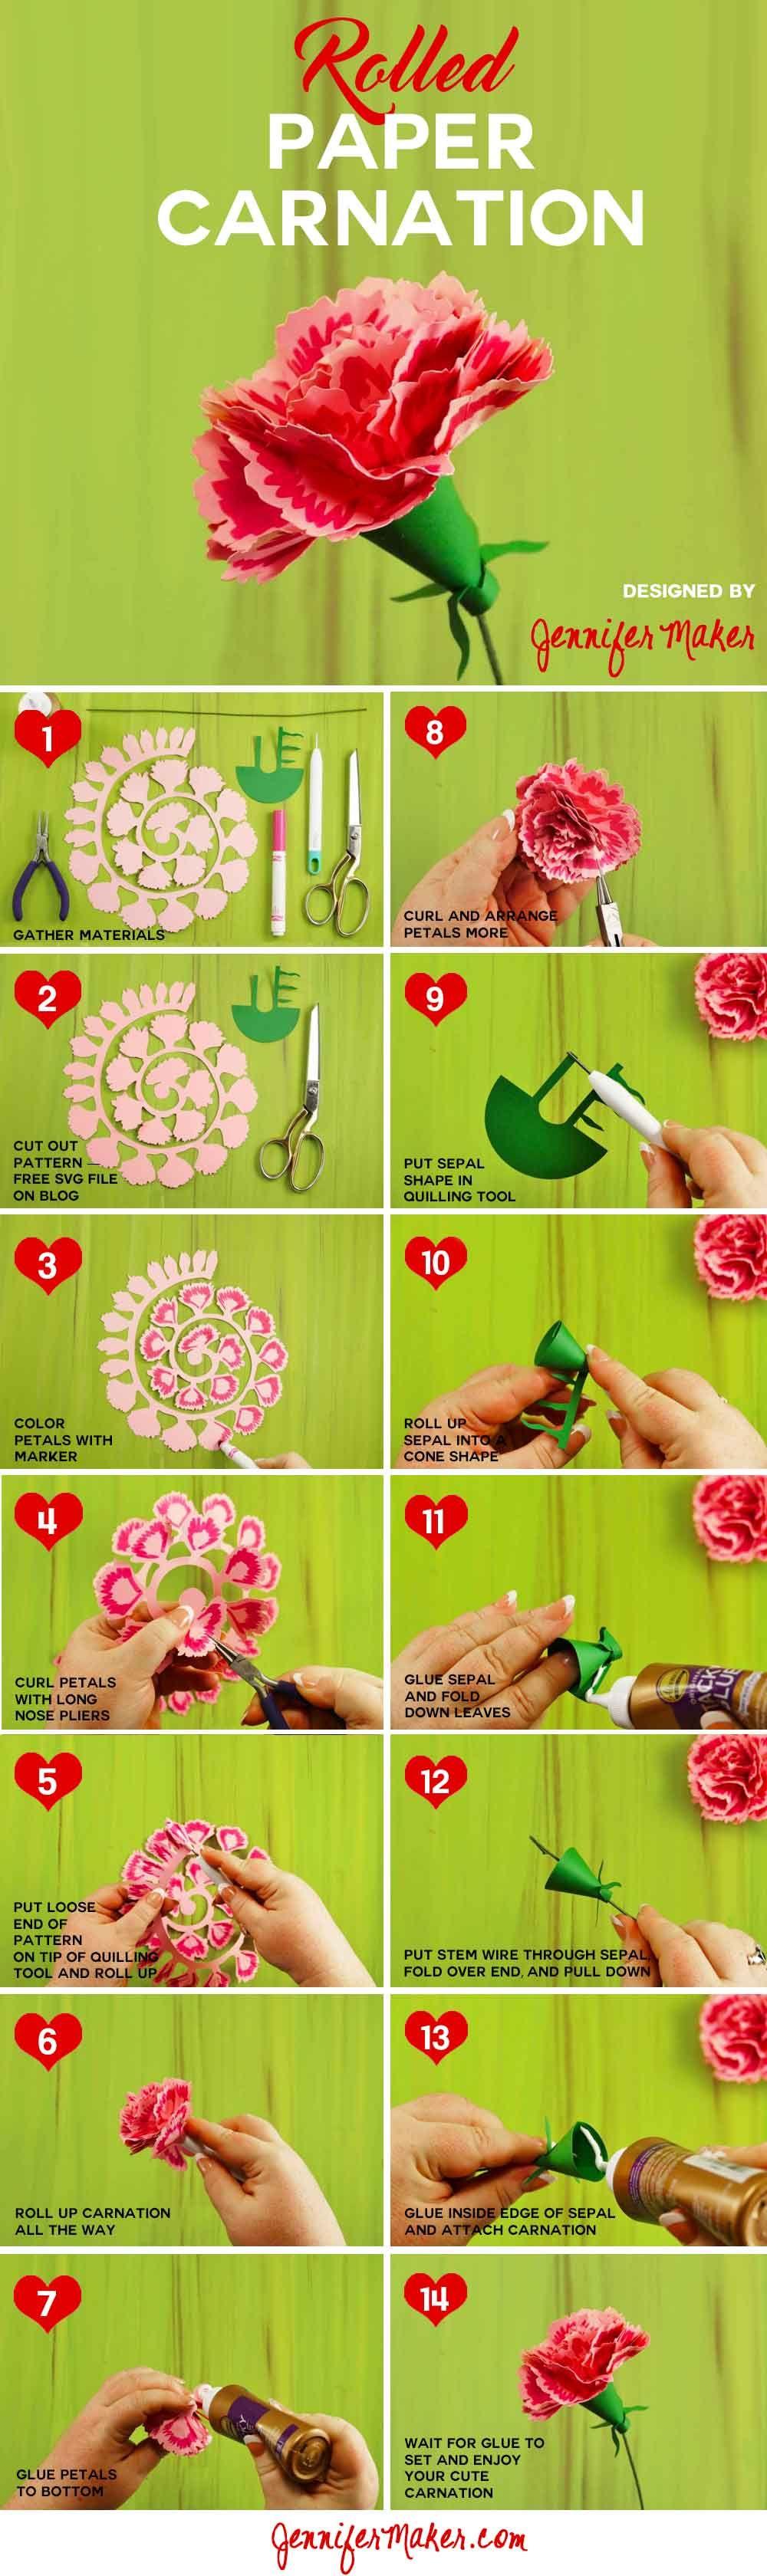 Rolled Paper Carnation Tutorial Free Svg Files Jennifer Maker Paper Flowers Diy Paper Flowers Flower Crafts